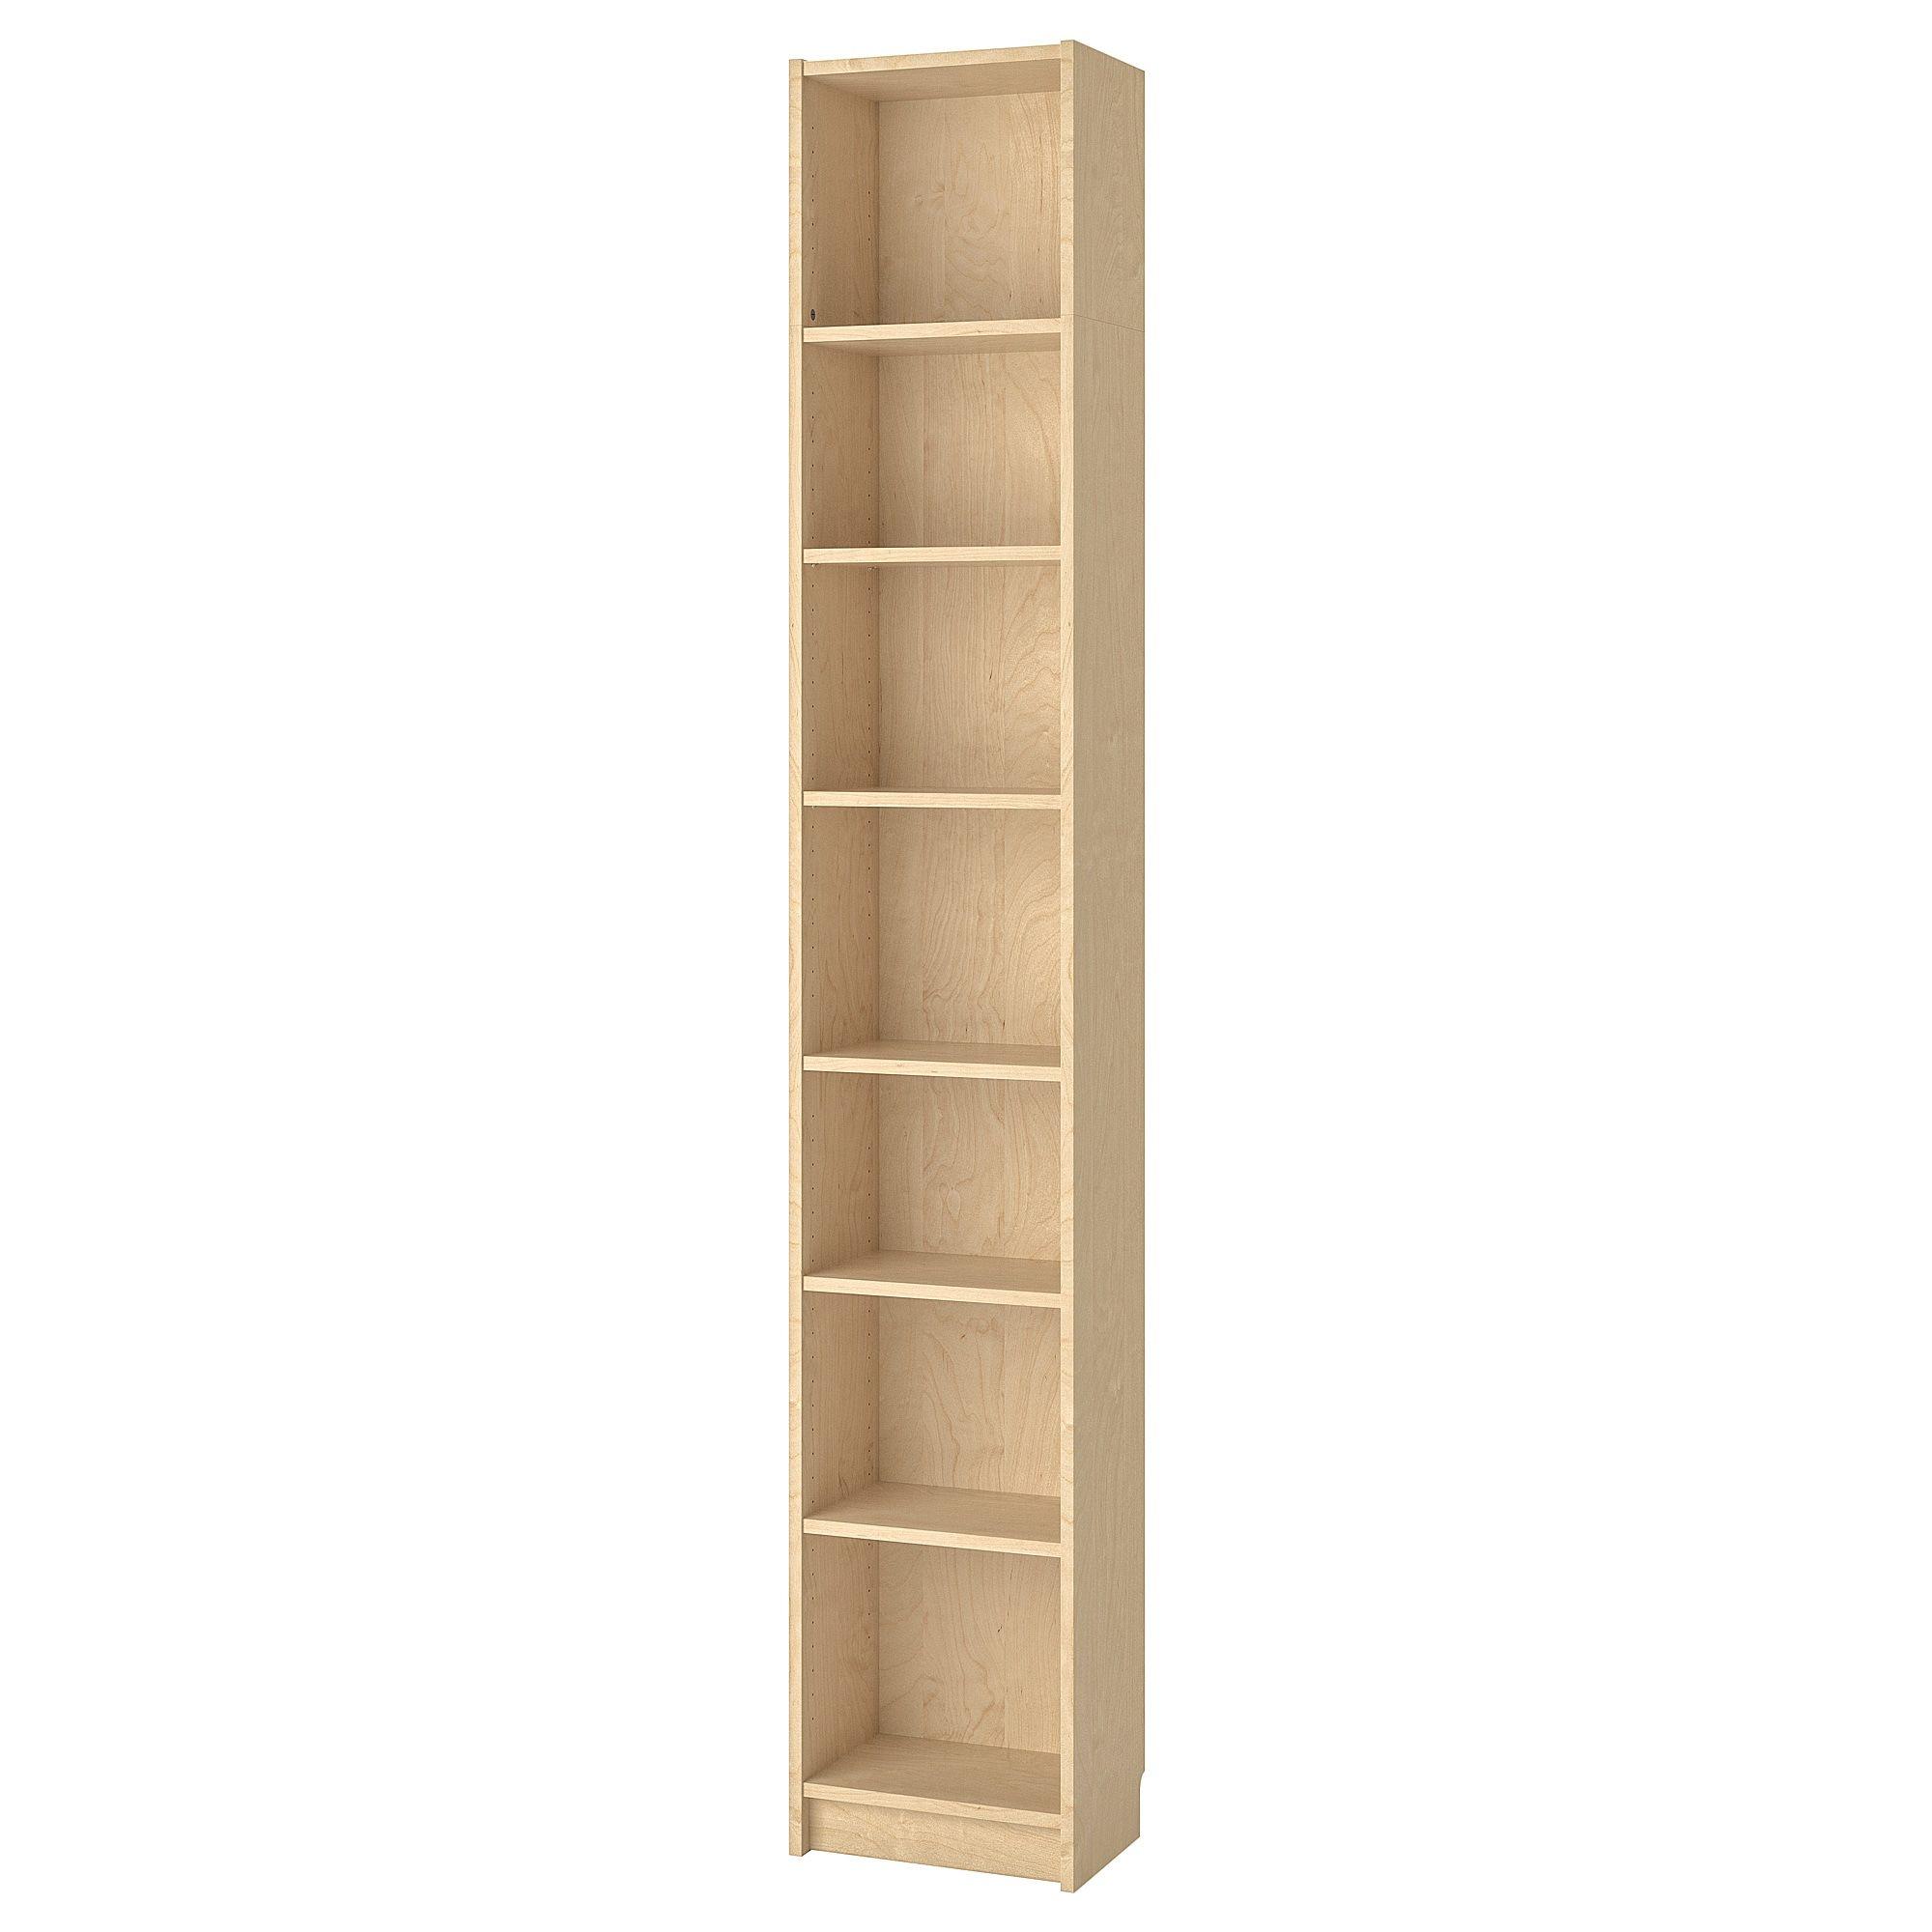 Bookcase Birch Veneer 15 3 4x11x93 1 4 Quot In 2020